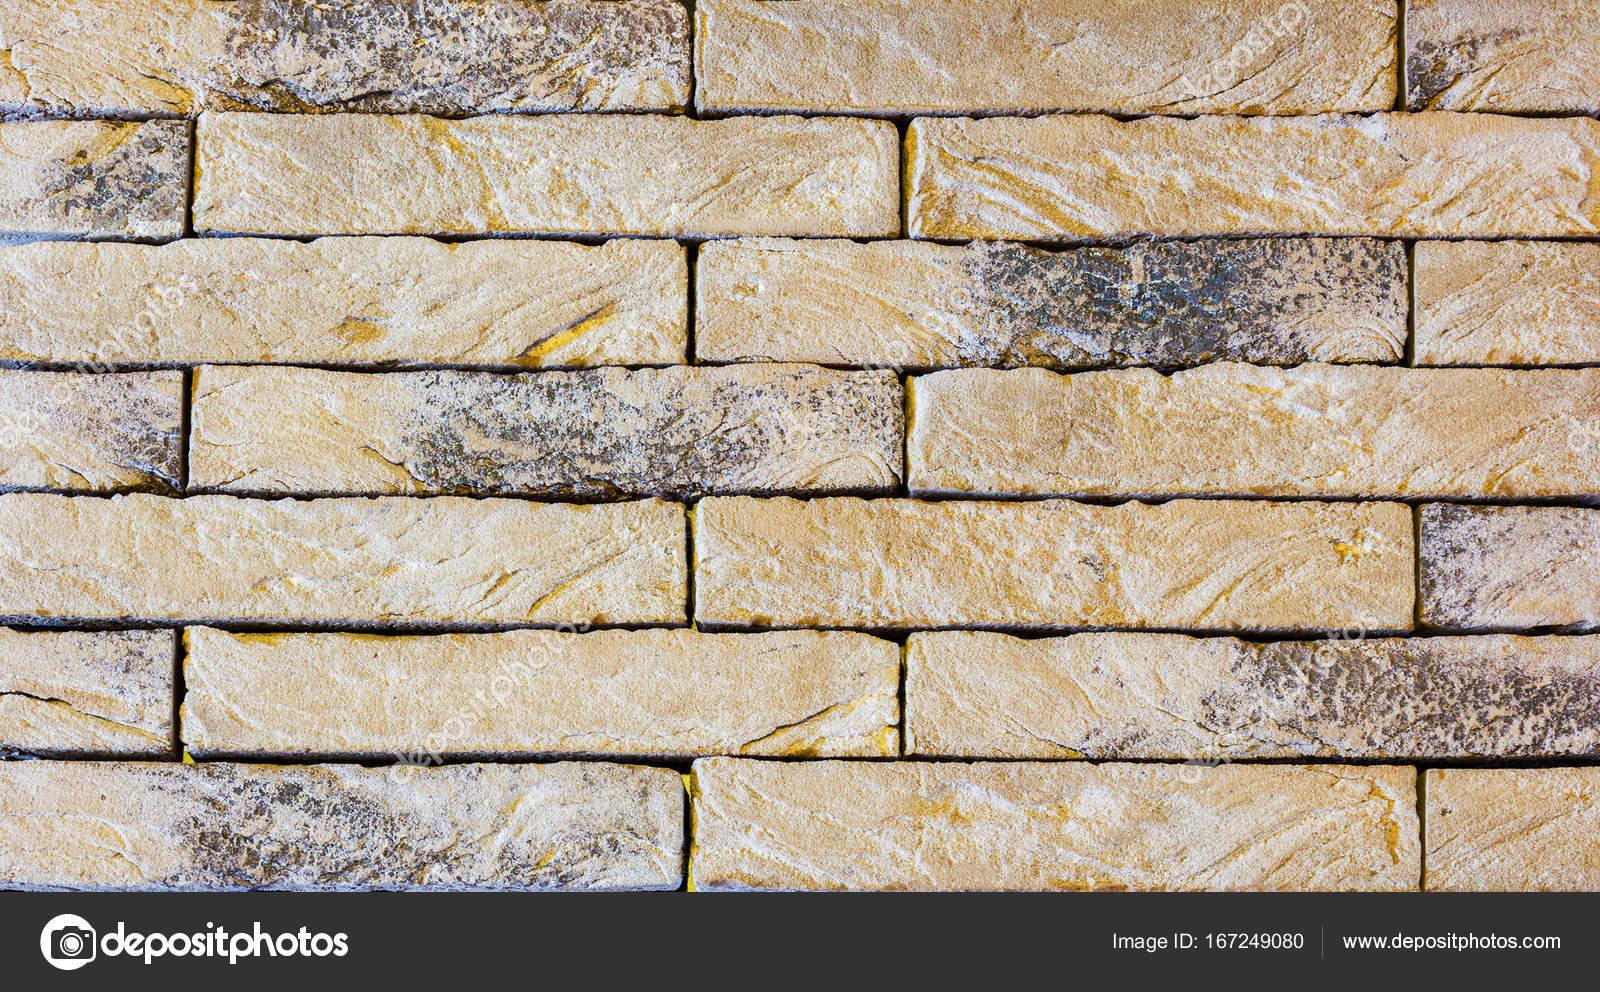 La texture delle piastrelle della facciata materiale del